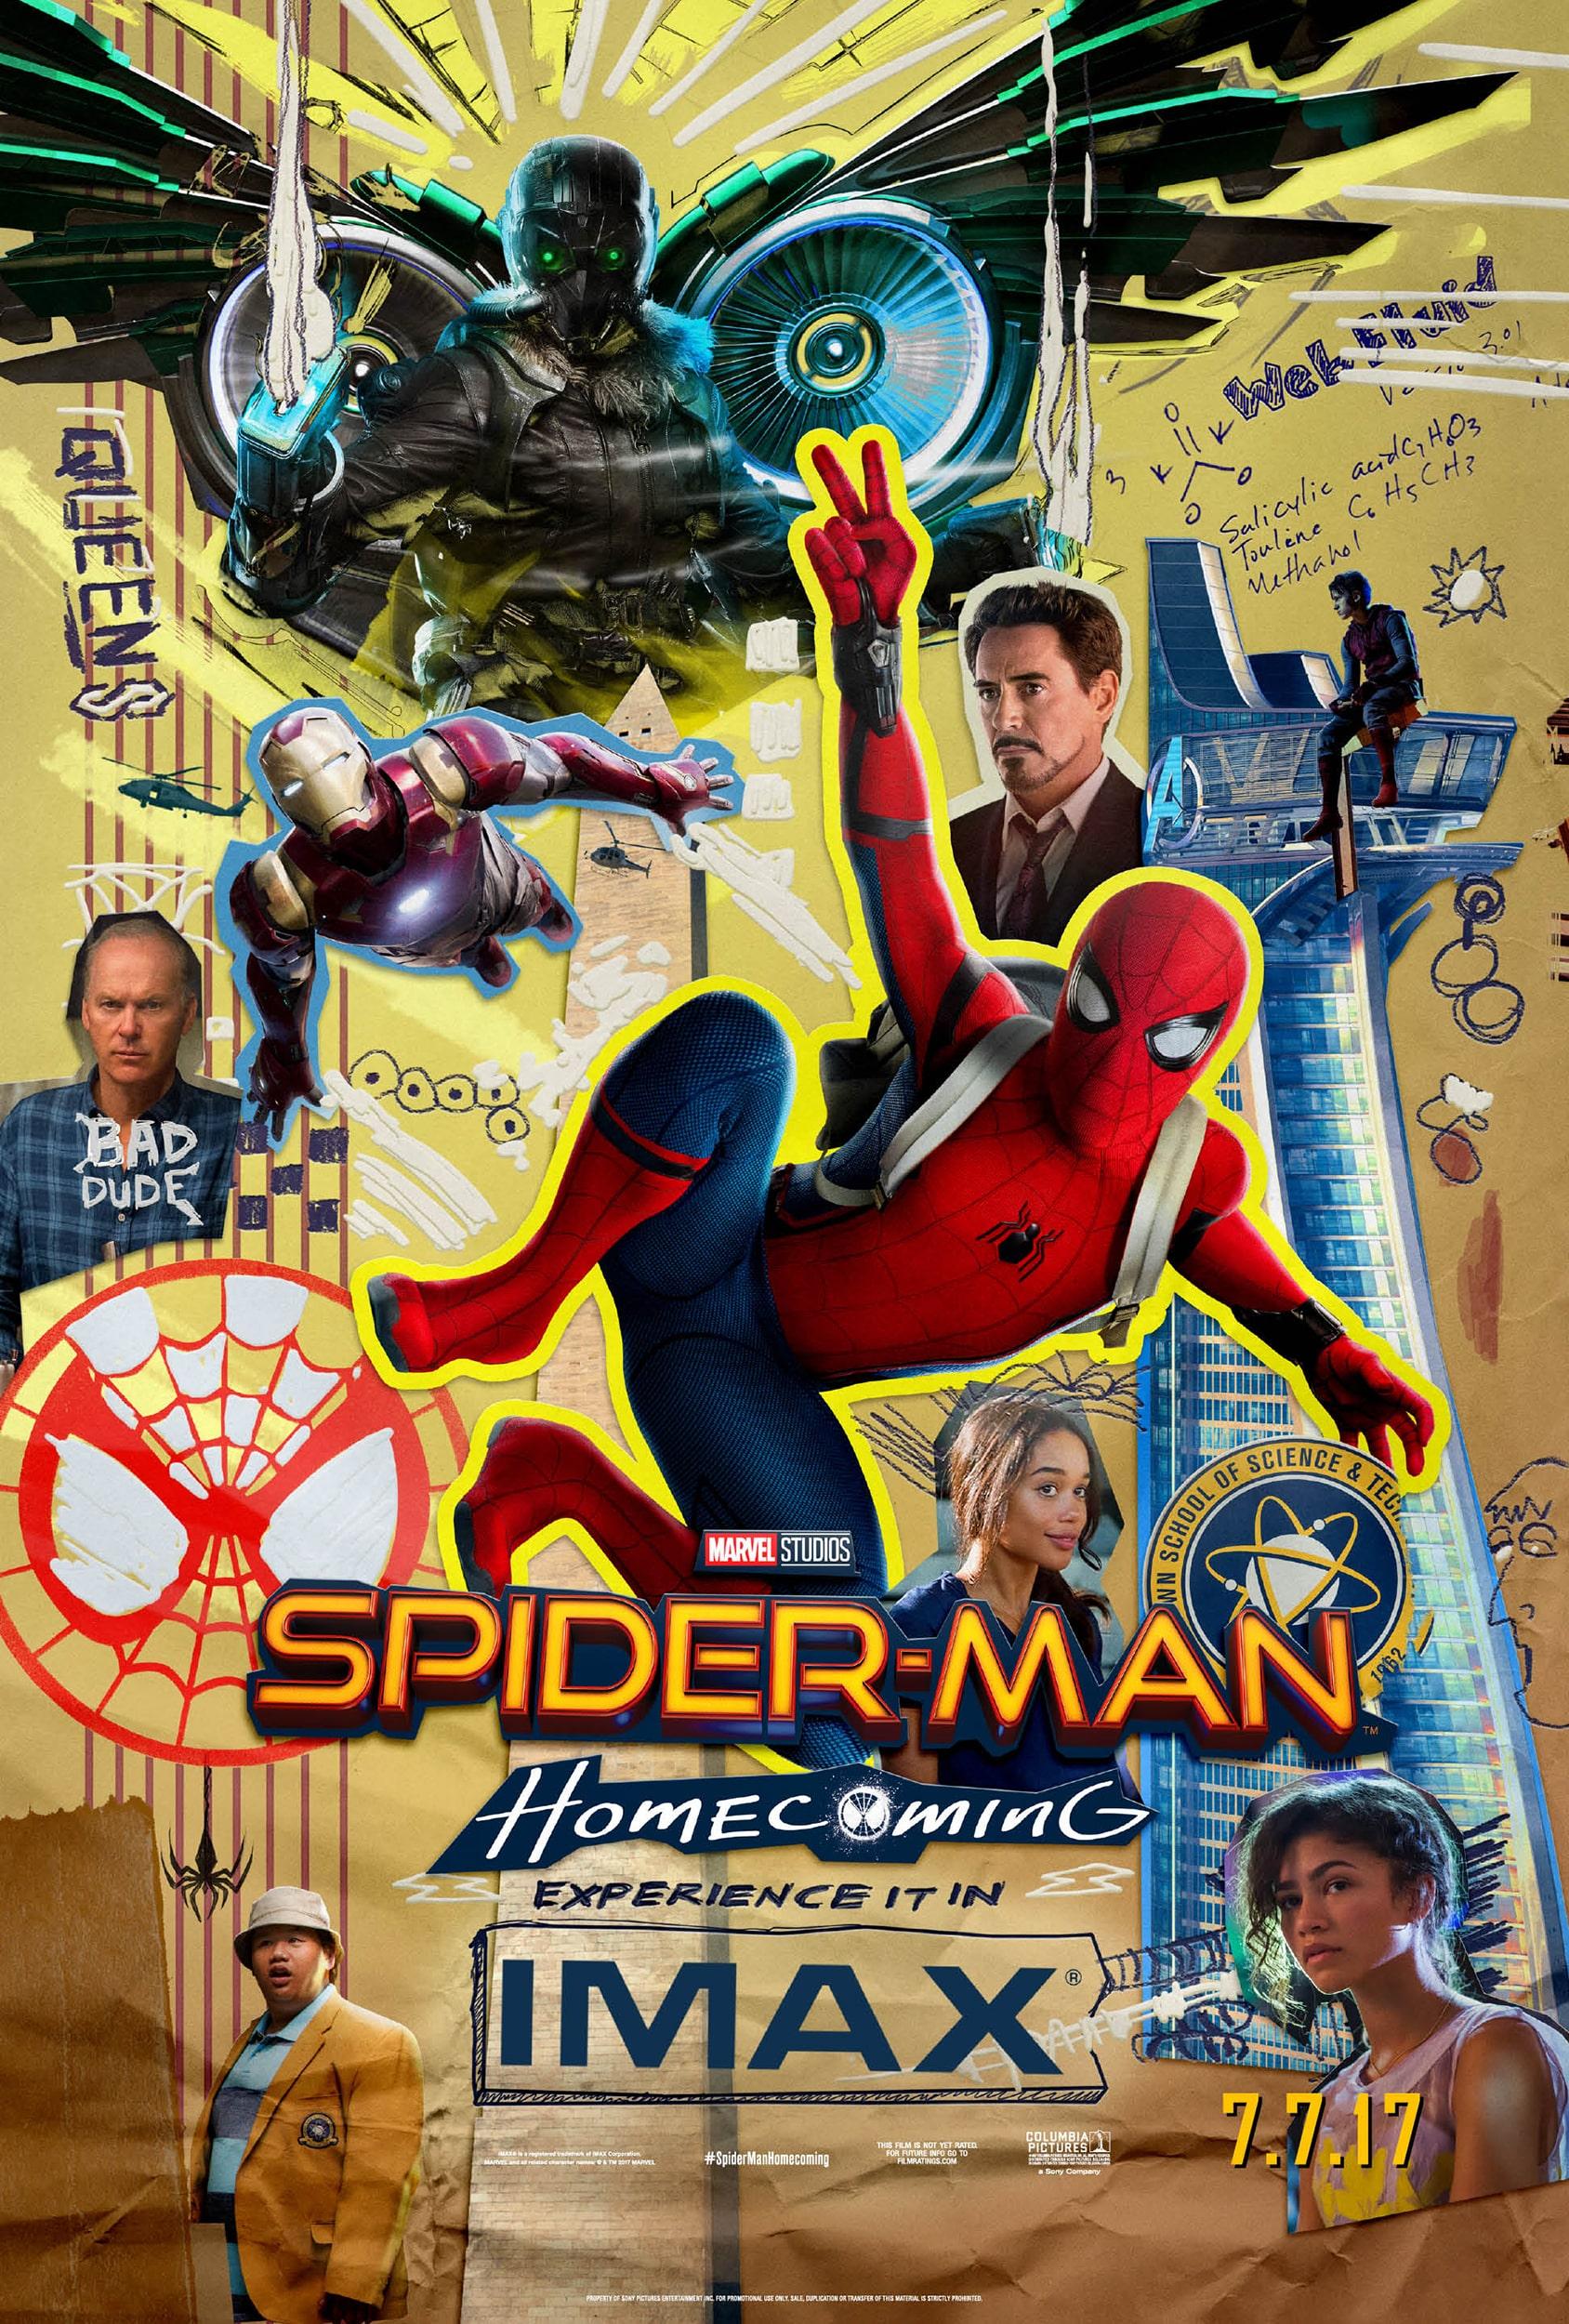 Oficiálny IMAX plagát pre film Spider-Man: Homecoming